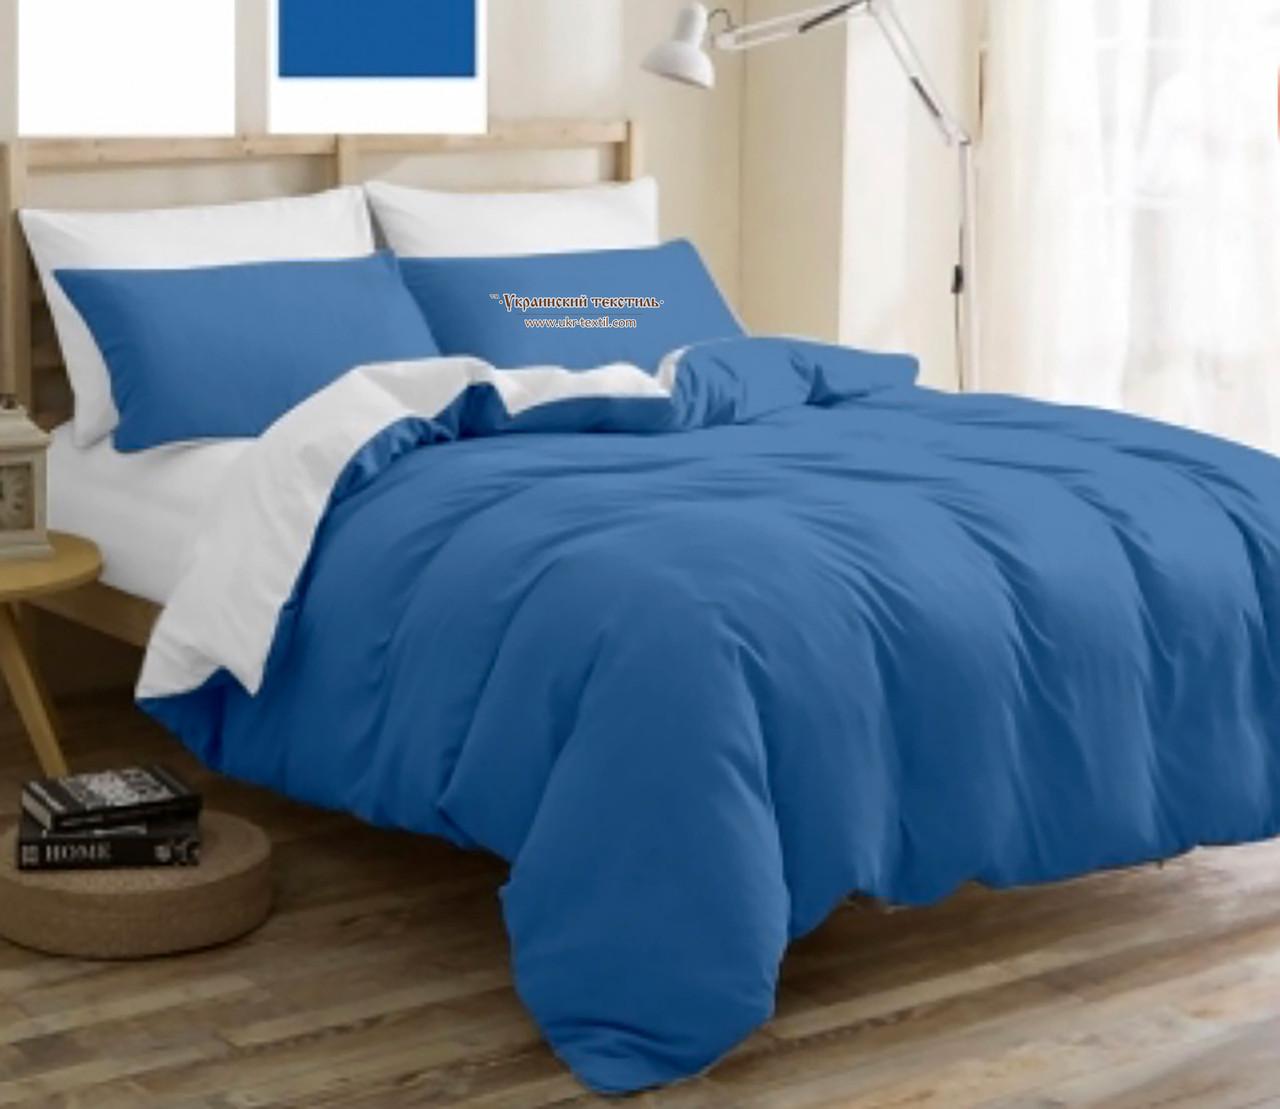 Комплект постельного белья  Бязь GOLD 100% хлопок  Сине - белый Однотонный двухсторонний